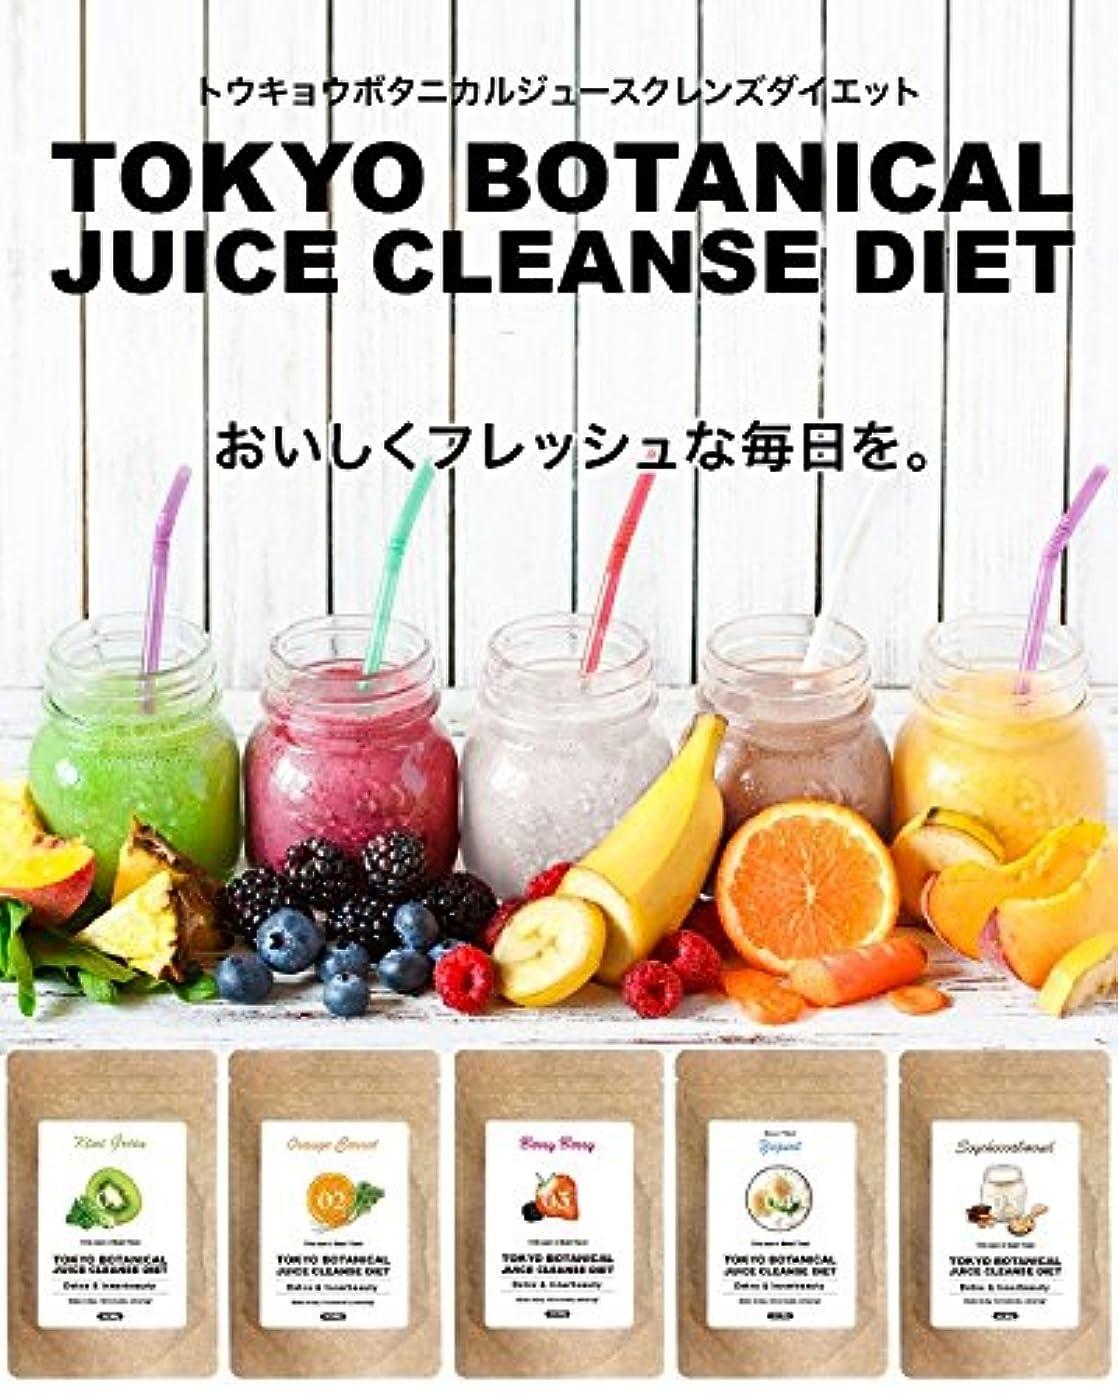 奪うパス絞る東京ボタニカルジュースクレンズダイエット オレンジキャロット&ソイチョコアーモンドセット